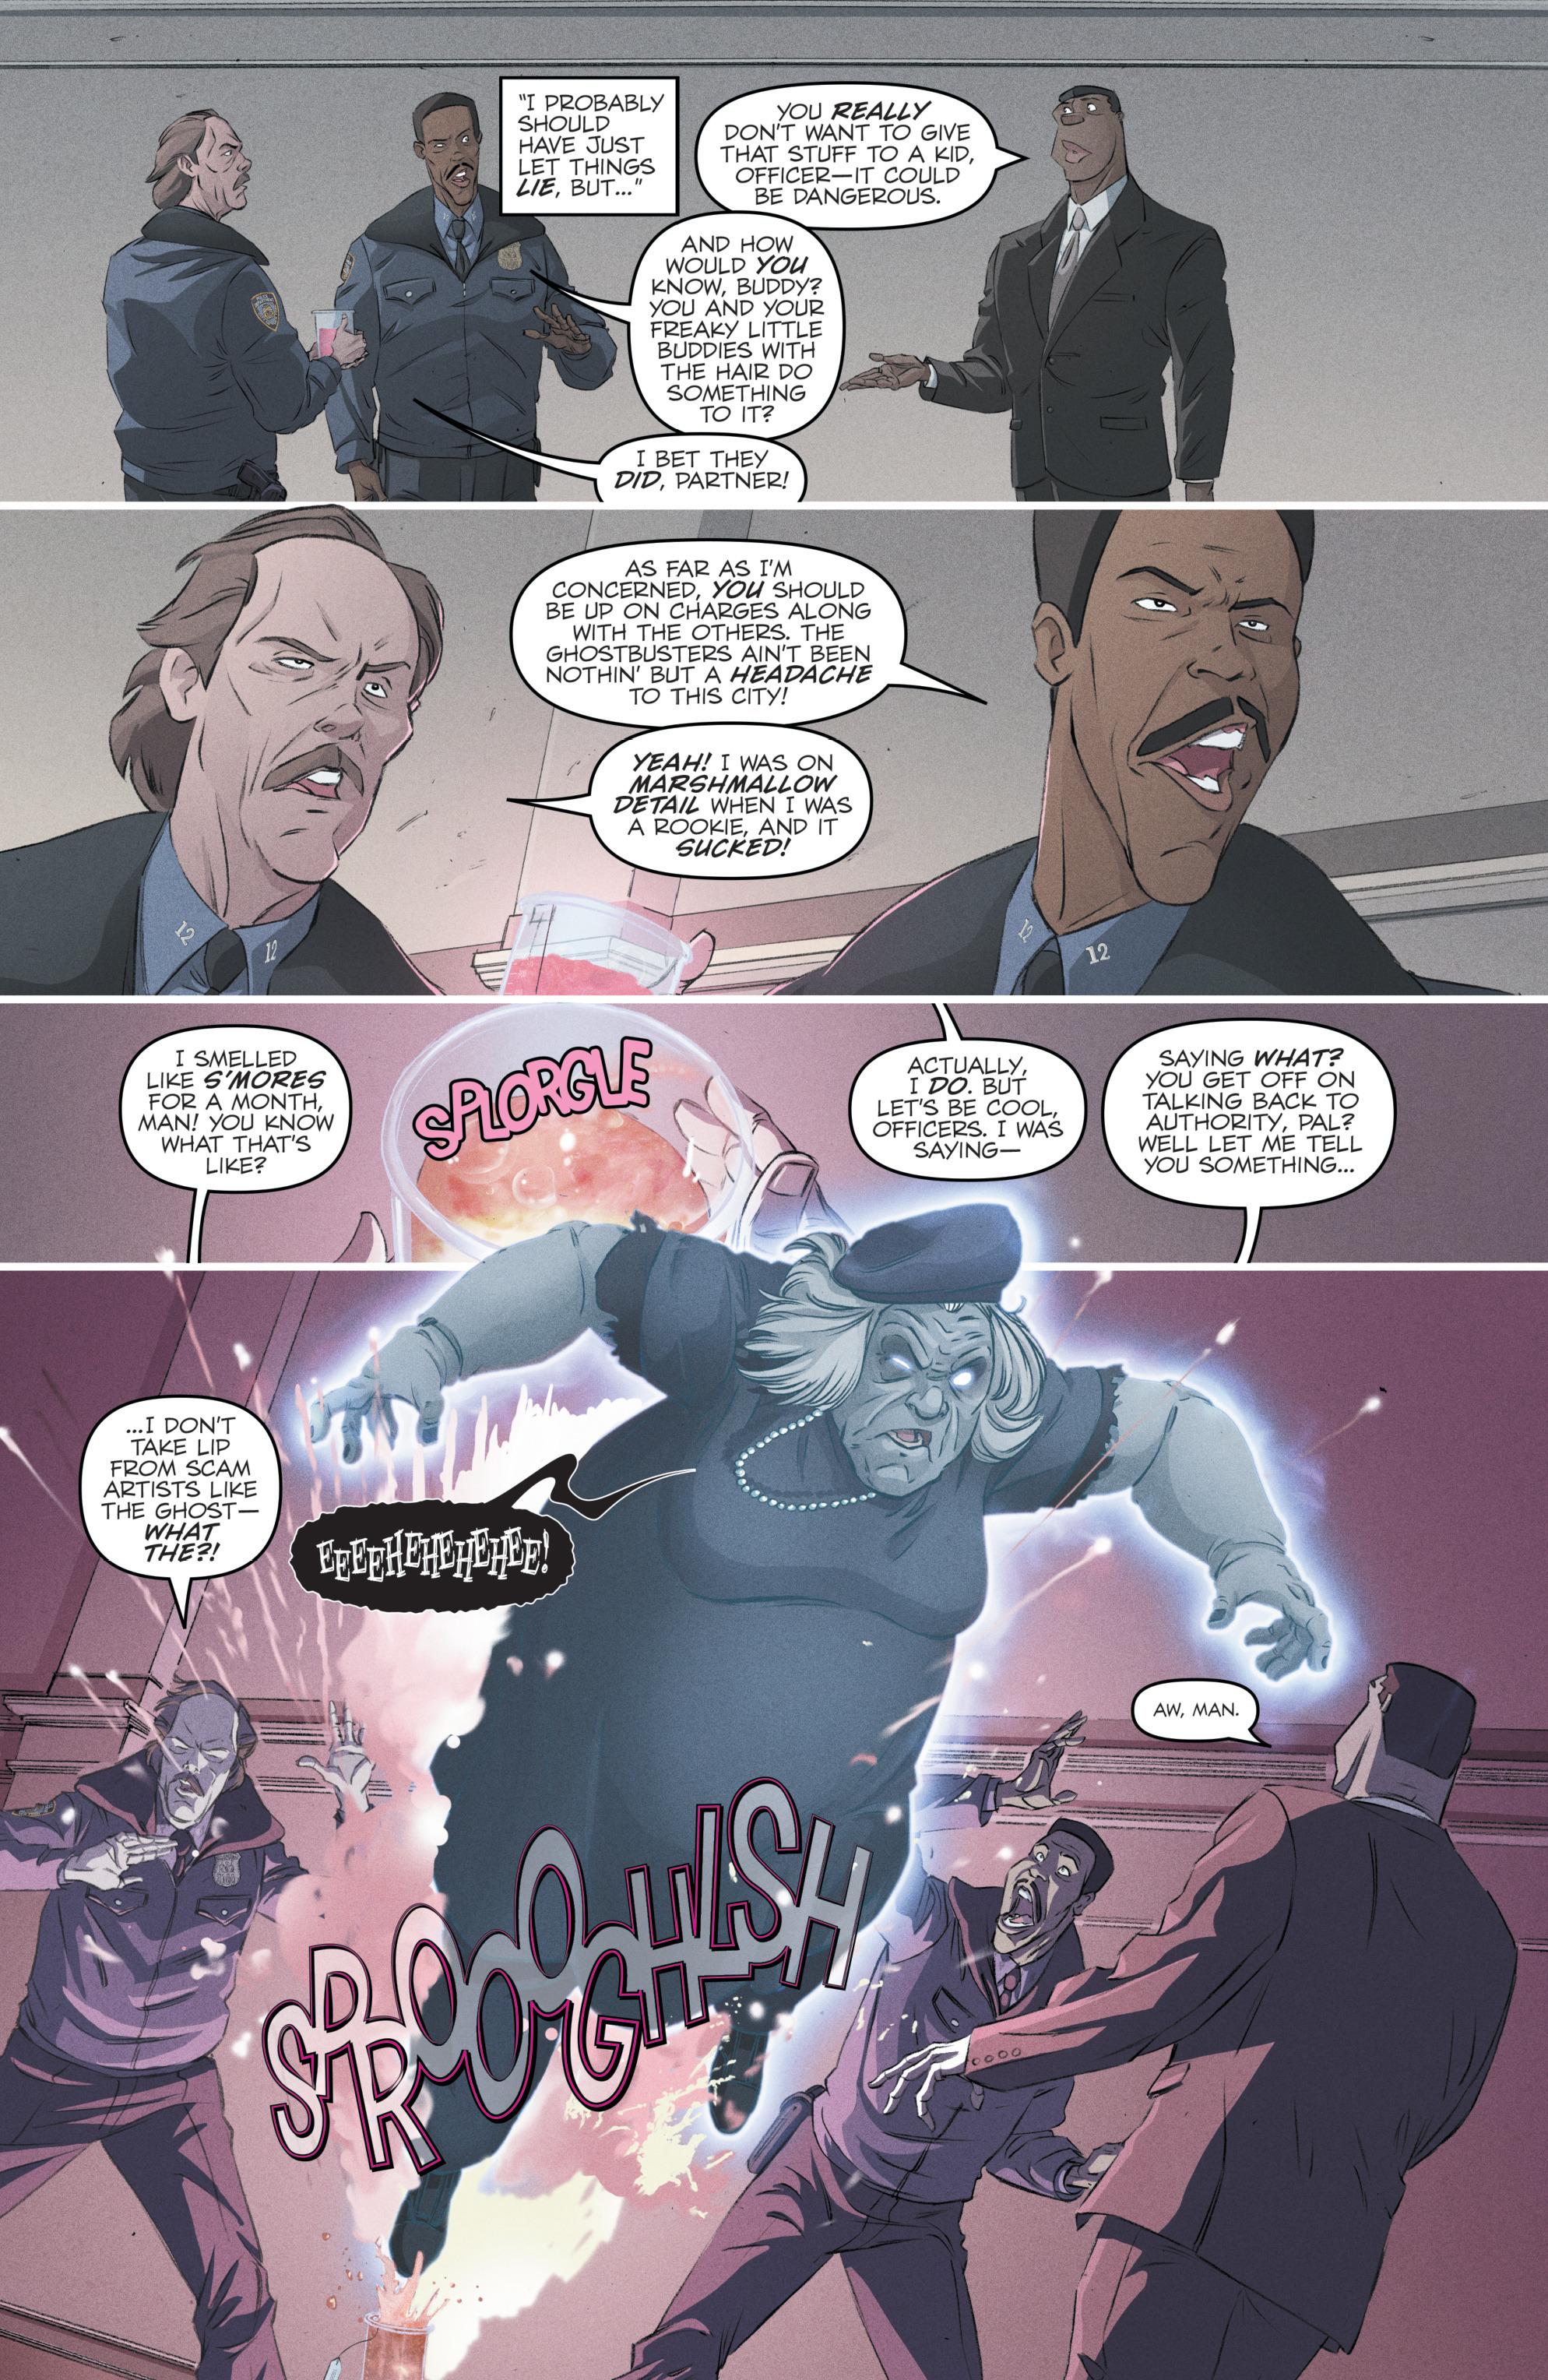 Read online Batman/Teenage Mutant Ninja Turtles Adventure comic -  Issue #4 - 28